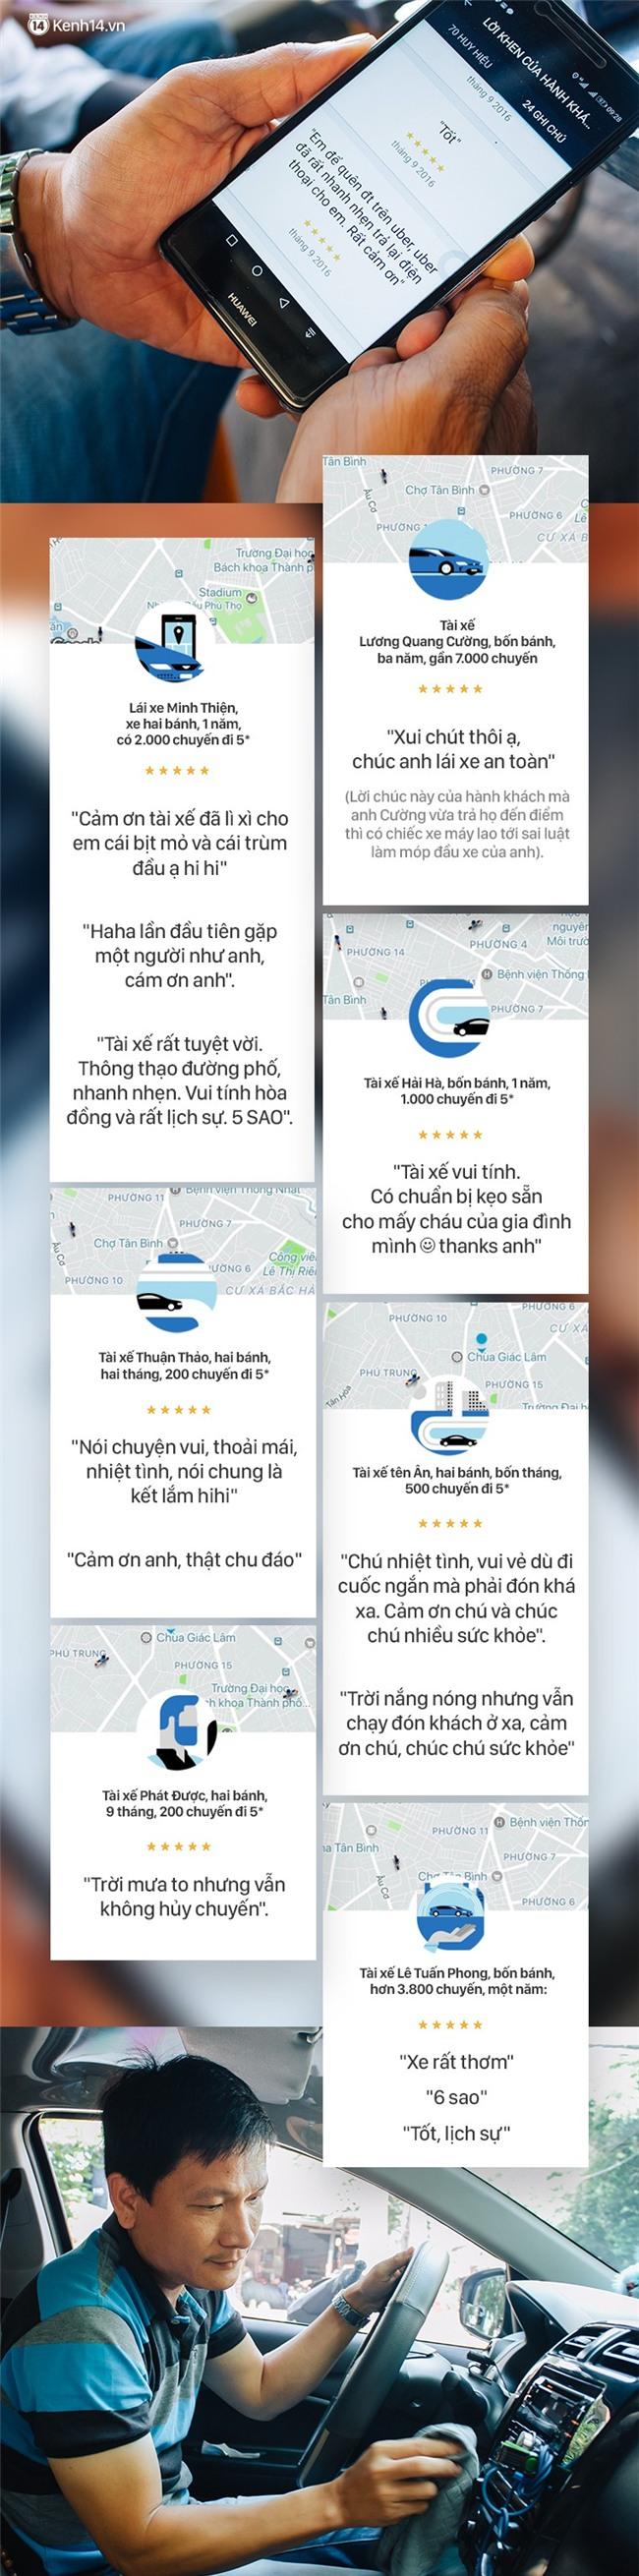 Những giờ cuối cùng của kỷ nguyên Uber tại Việt Nam - Ảnh 7.